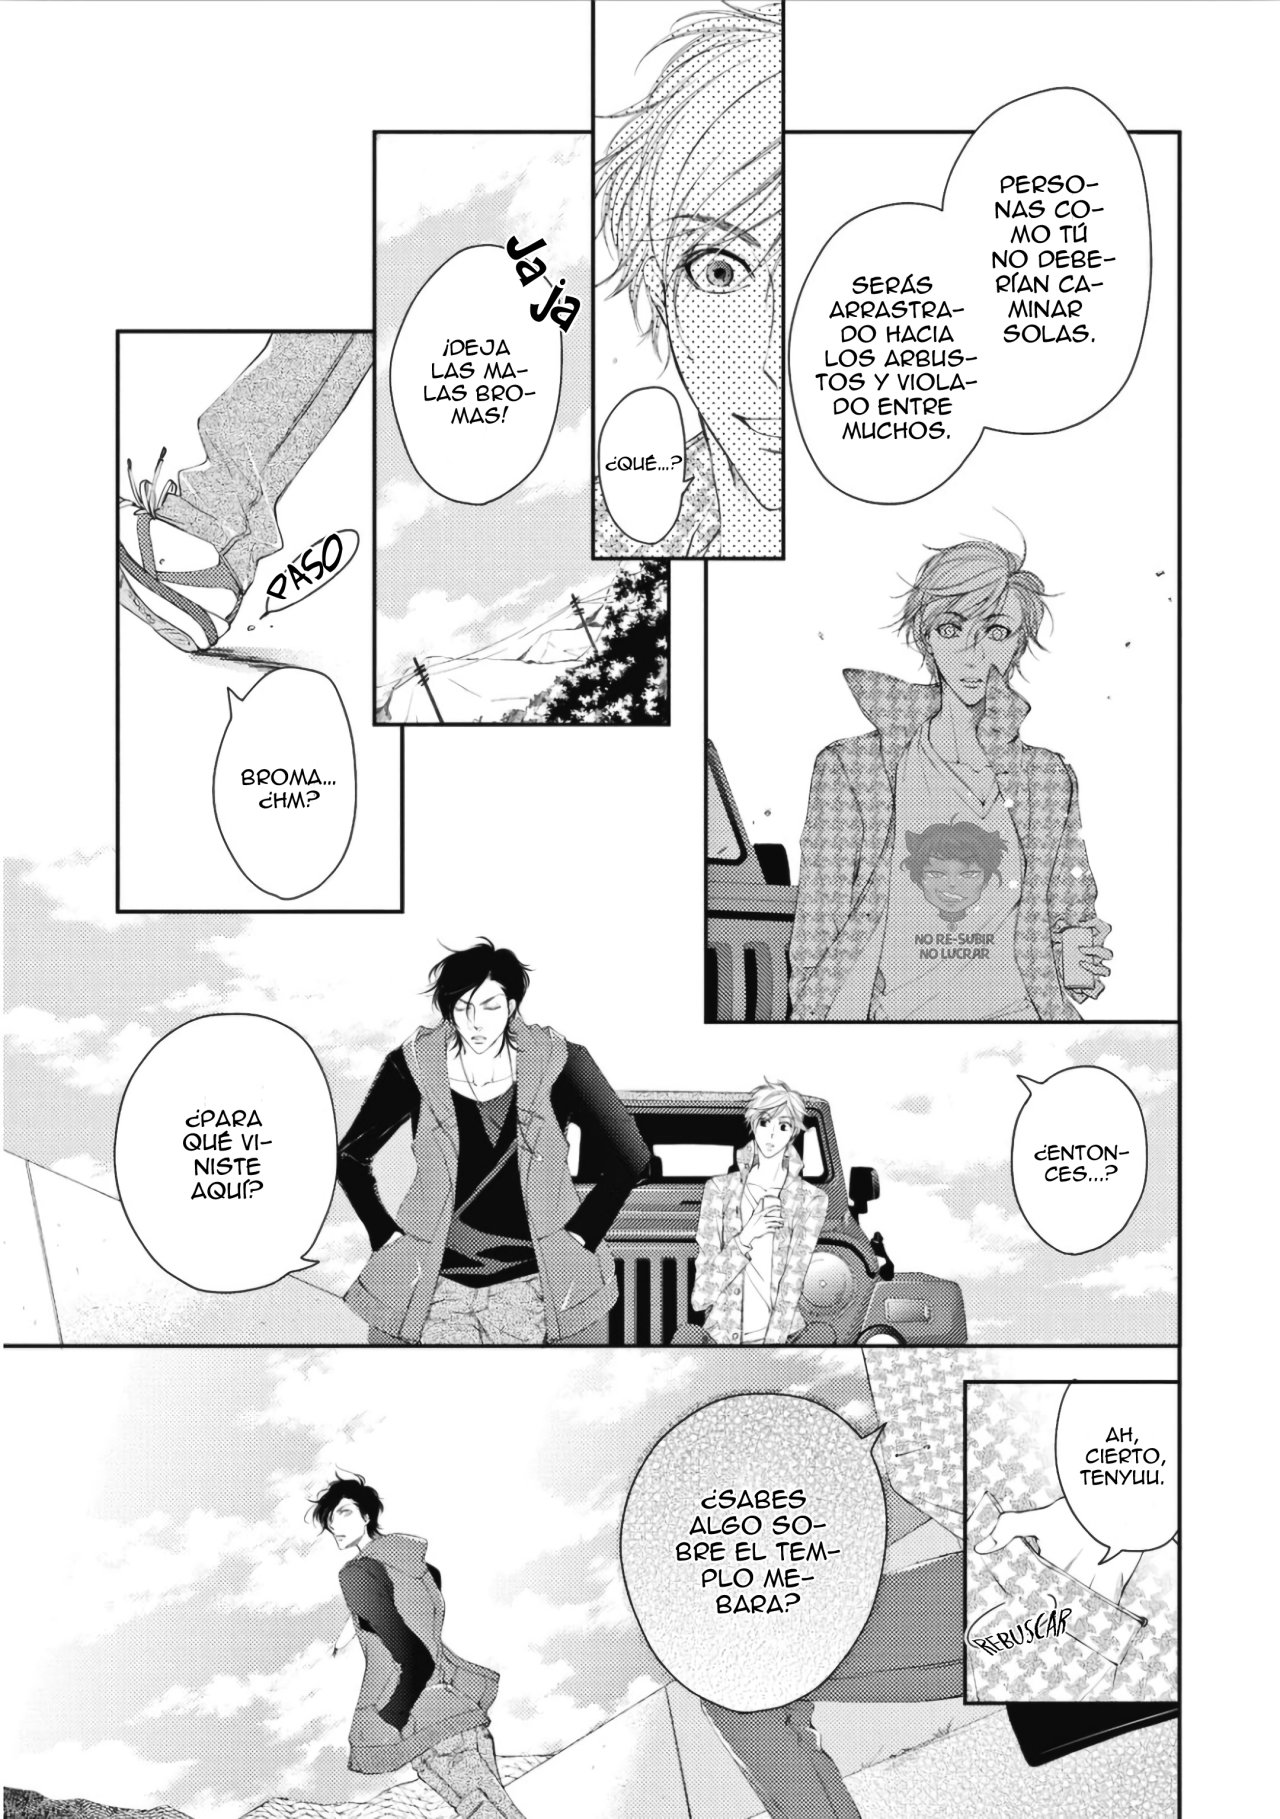 https://nine.mangadogs.com/es_manga/pic8/51/36659/946321/06c9c2f149b73e46fba1487930c5acb8.jpg Page 15